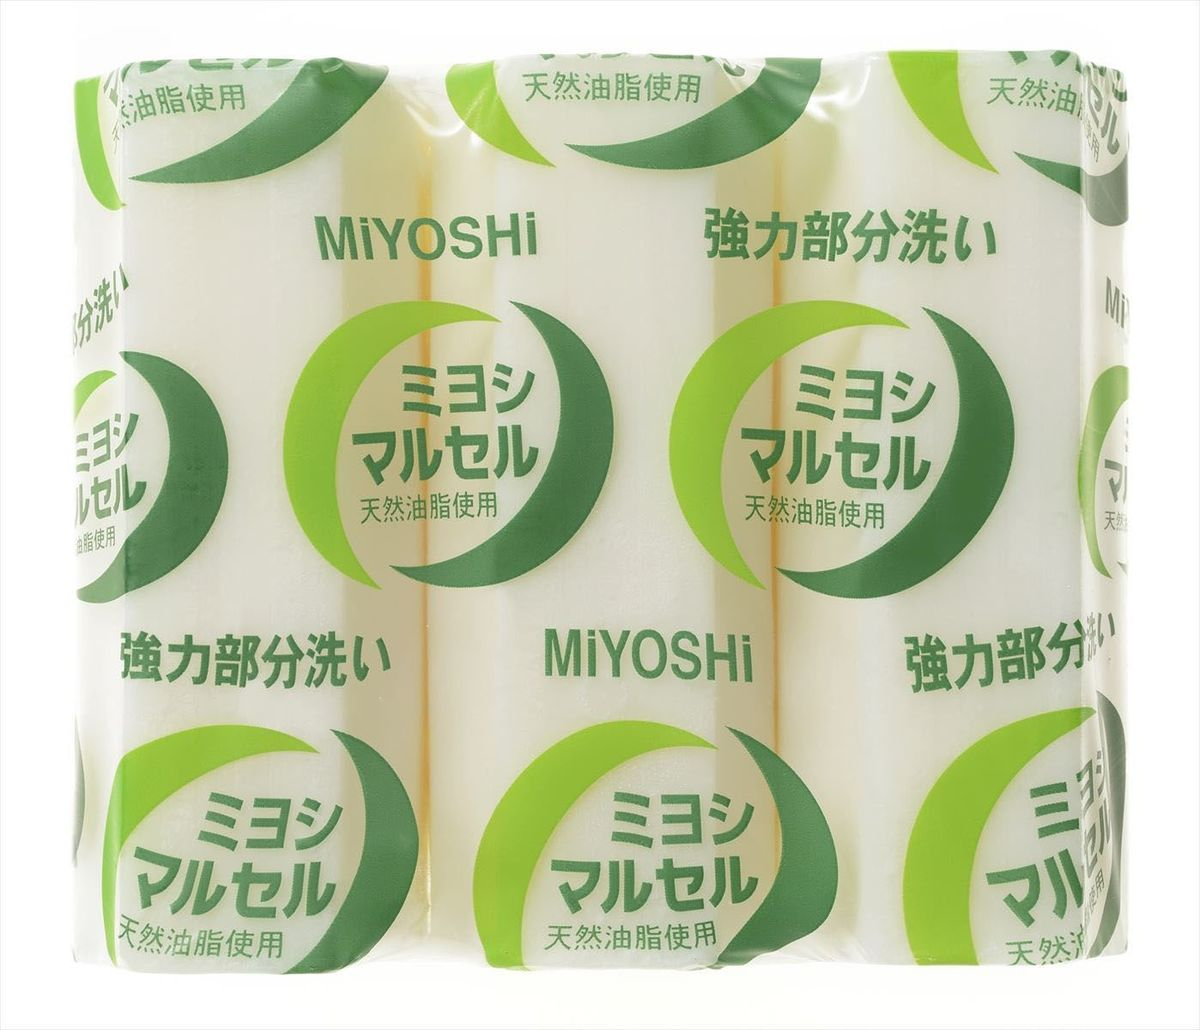 Мыло для стирки Miyoshi Miyosh, для точечного застирывания стойких загрязнений. 100660527960Мыло предназначено специально для точечного застирывания стойких загрязнений. Отличается высокими отстирывающими свойствами, удаляет стойкие запахи, следы желтизны за счет наличия в составе щелочных компонентов (солей кремниевой кислоты), легко справляется с такими загрязнениями, как грязь, жир, машинное масло. Твердое, без красителей, со слабо выраженным ароматом. Меры предосторожности: Используйте строго по назначению. Не для стирки шелка и шерсти. Людям с повышенной чувствительностью кожи, а также при длительном контакте кожи рук с водой рекомендуется использовать резиновые перчатки. Избегайте попадания в глаза мыльного раствора, при попадании немедленно промойте глаза водой. После использования храните мыло в сухом месте. Состав: чистая (без примесей) мыльная основа (натриевая соль с содержанием жирных кислот 78%), щелочные компоненты (силикаты).